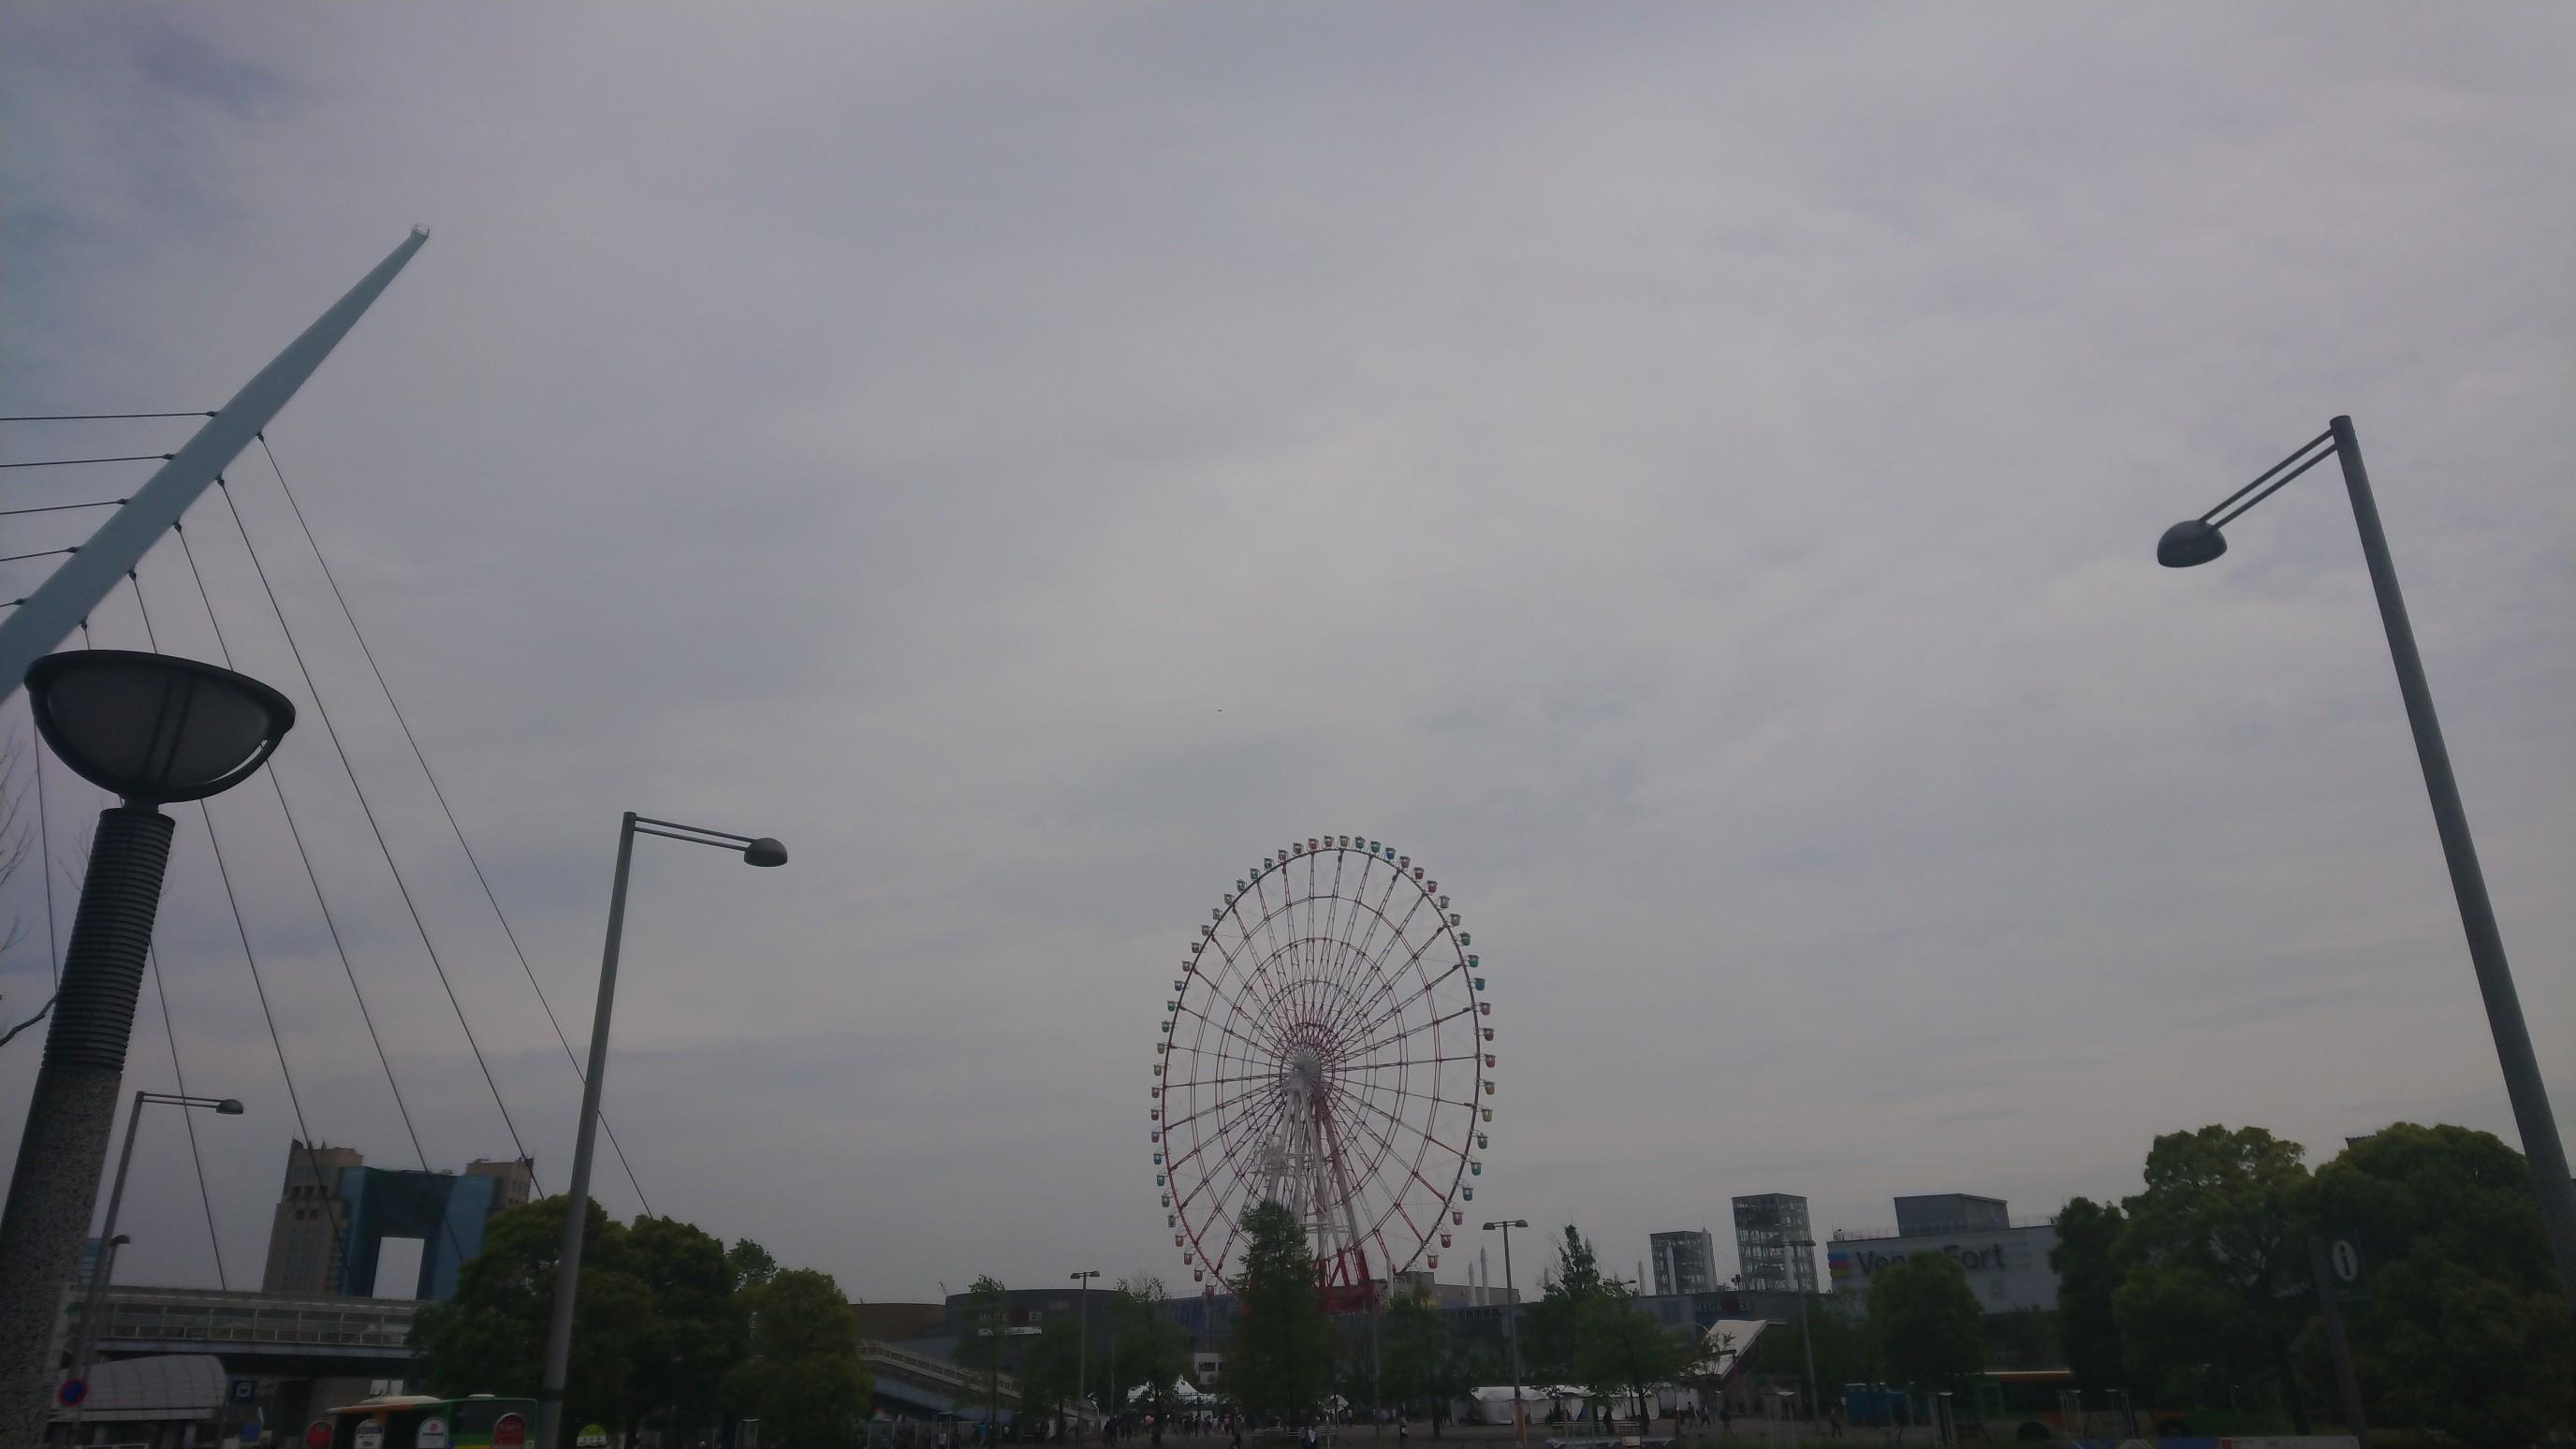 お台場の観覧車の写真。曇り空で、ちょっとだけ不安にさせる光景です。